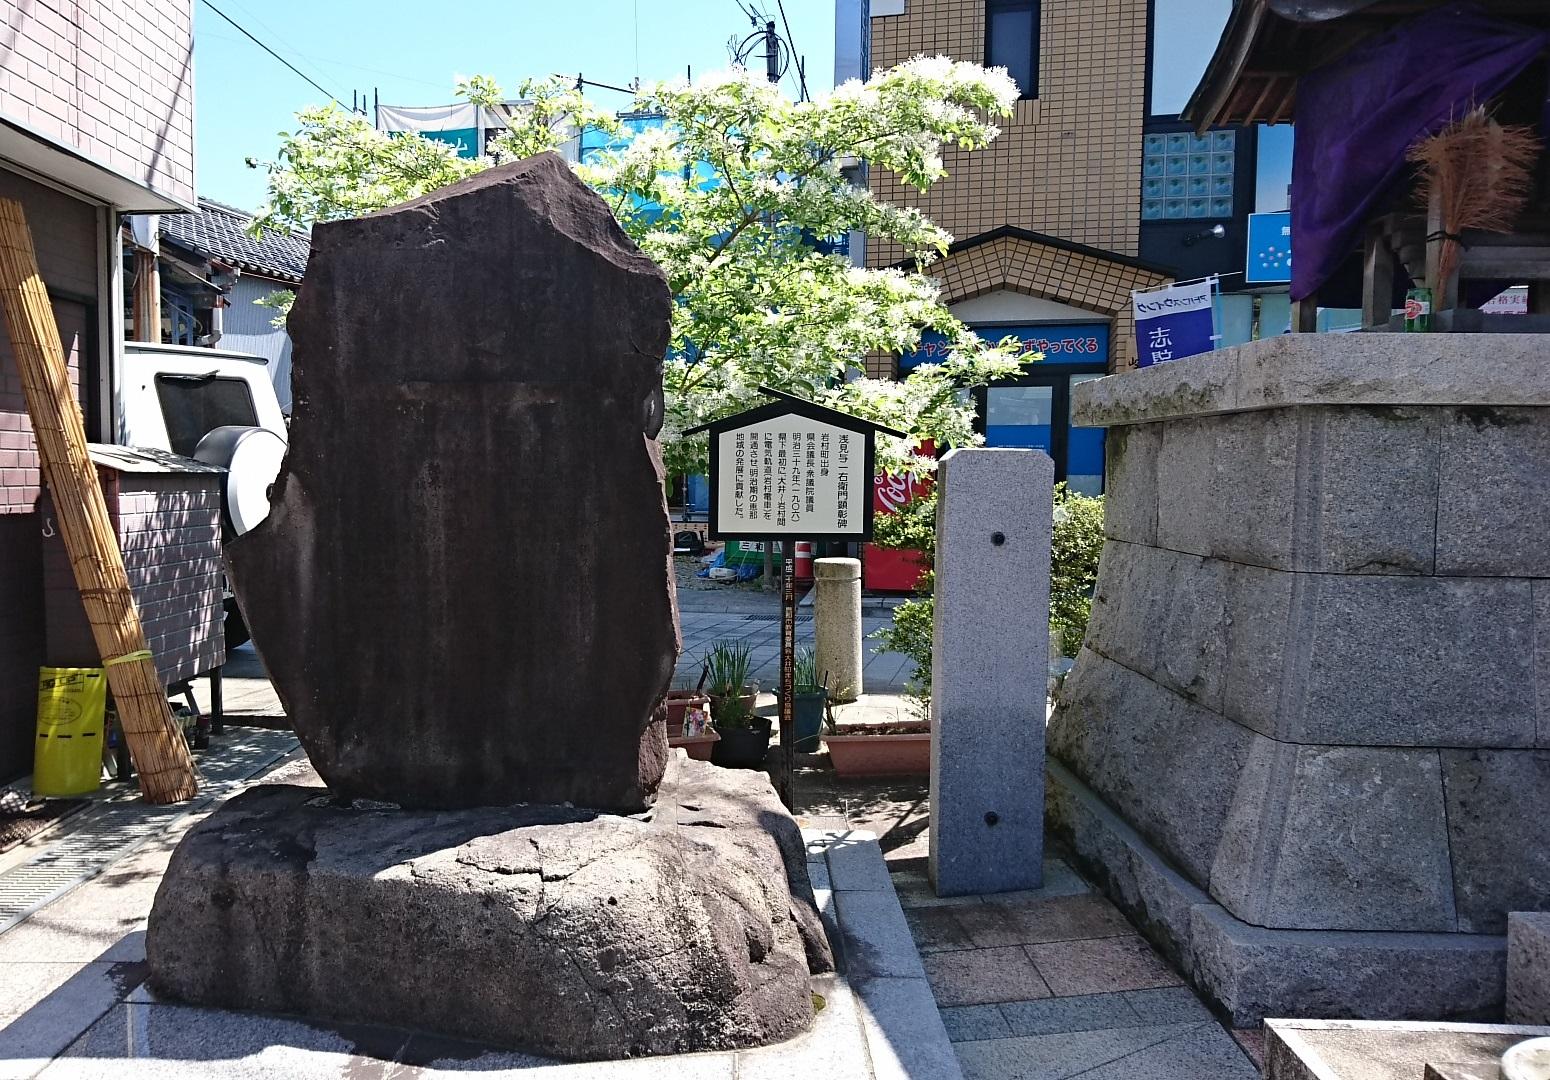 2017.5.19 大井 (21) 浅見与一右衛門顕彰碑 1550-1080